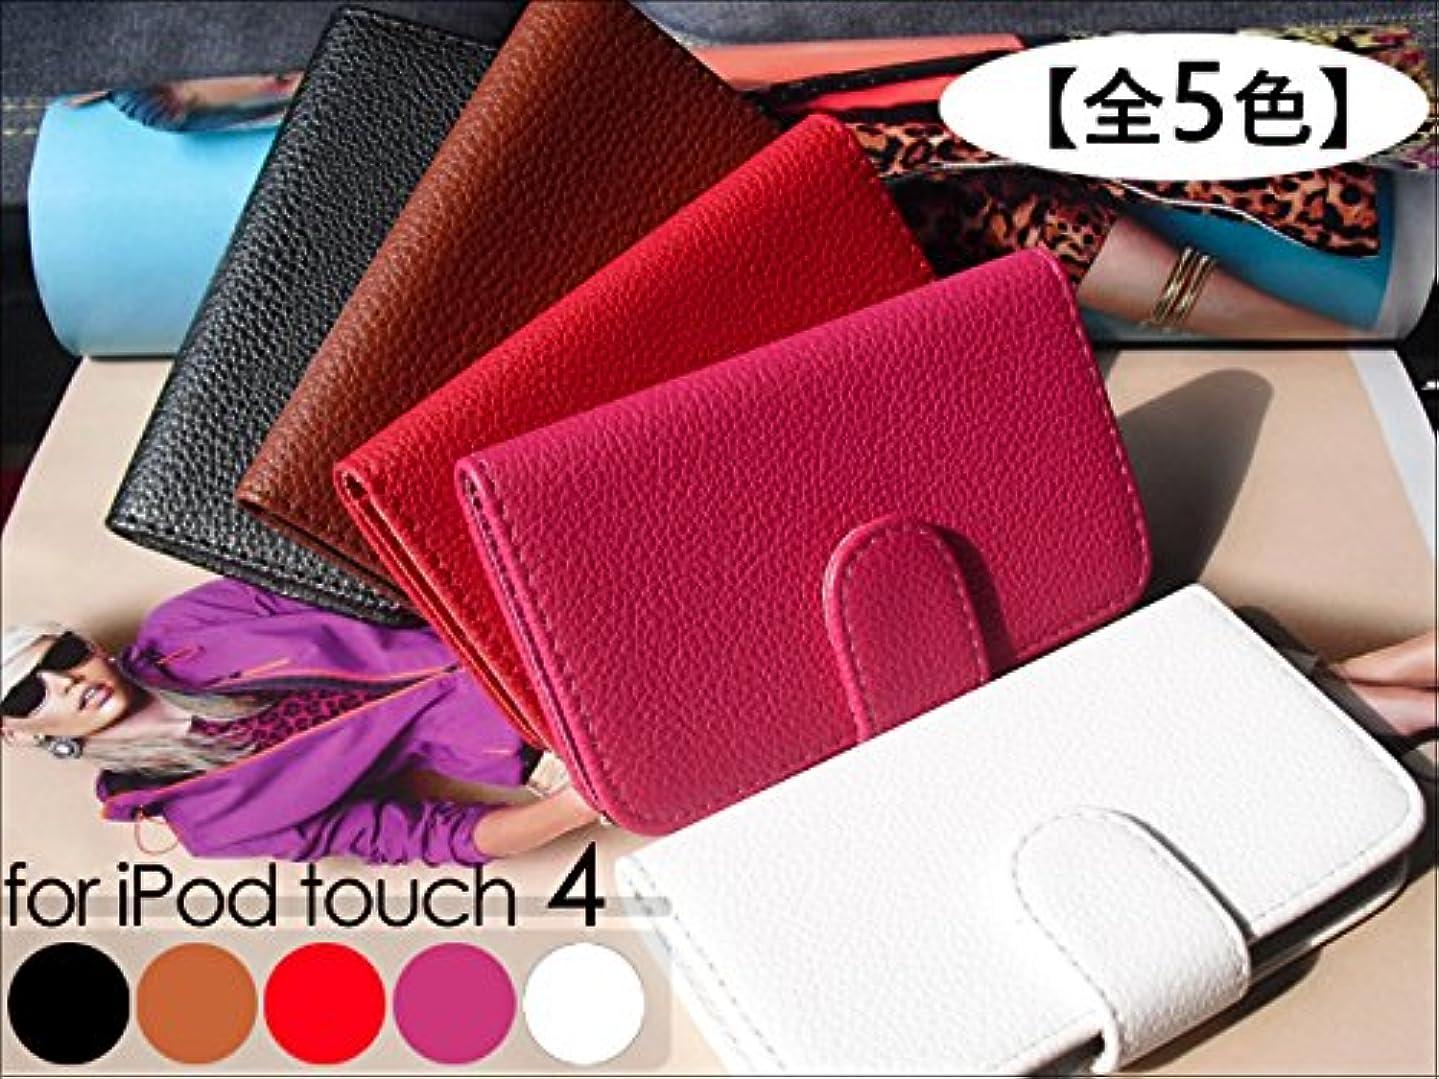 寺院革命的森林【全6色】iPod touch4対応レザーケース (ブラウン)|第4世代横開きカバー| ICカード スロットイン 収納皮革ウォレット風 横置き★ (ブラウン)